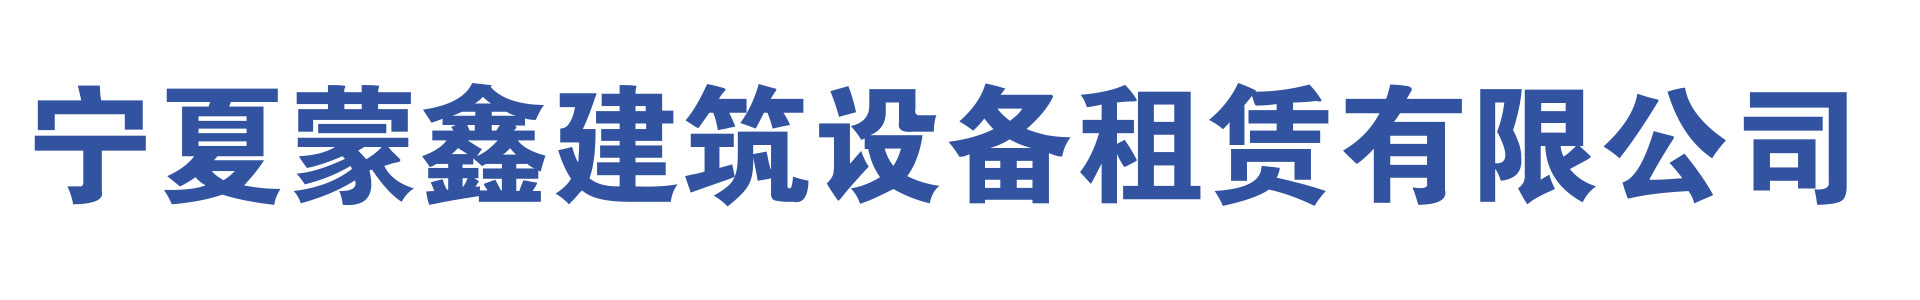 宁夏蒙鑫建筑设备租赁有限公司